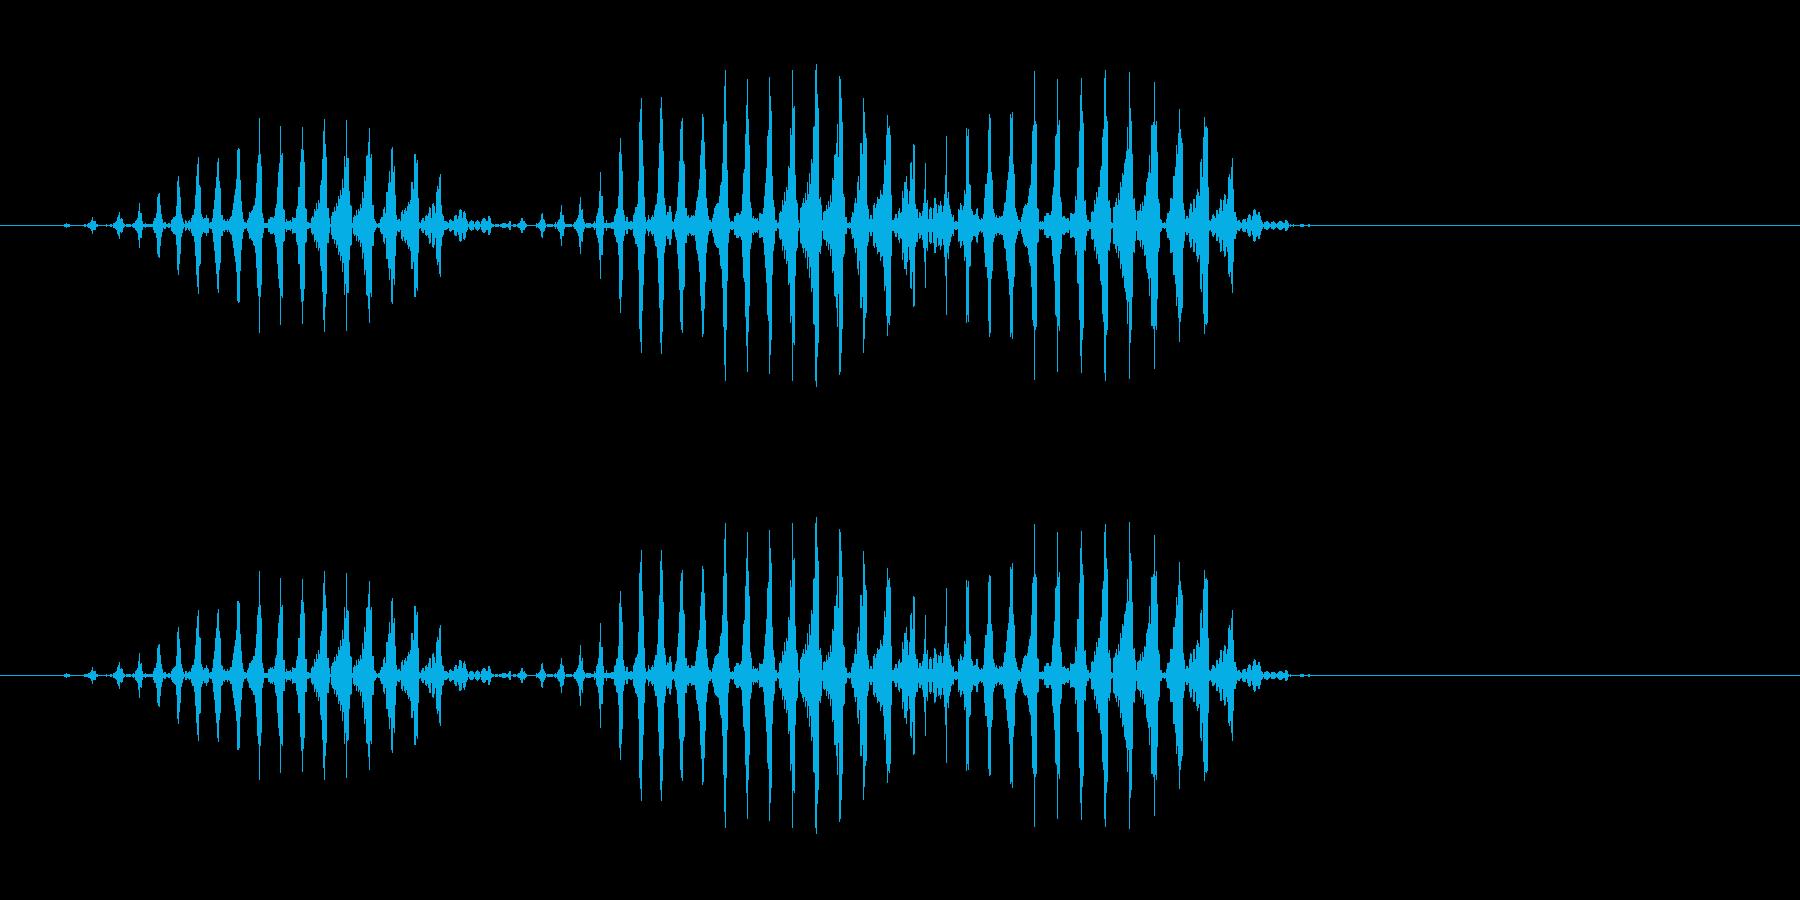 速いリズムのケロケロケロ効果音の再生済みの波形